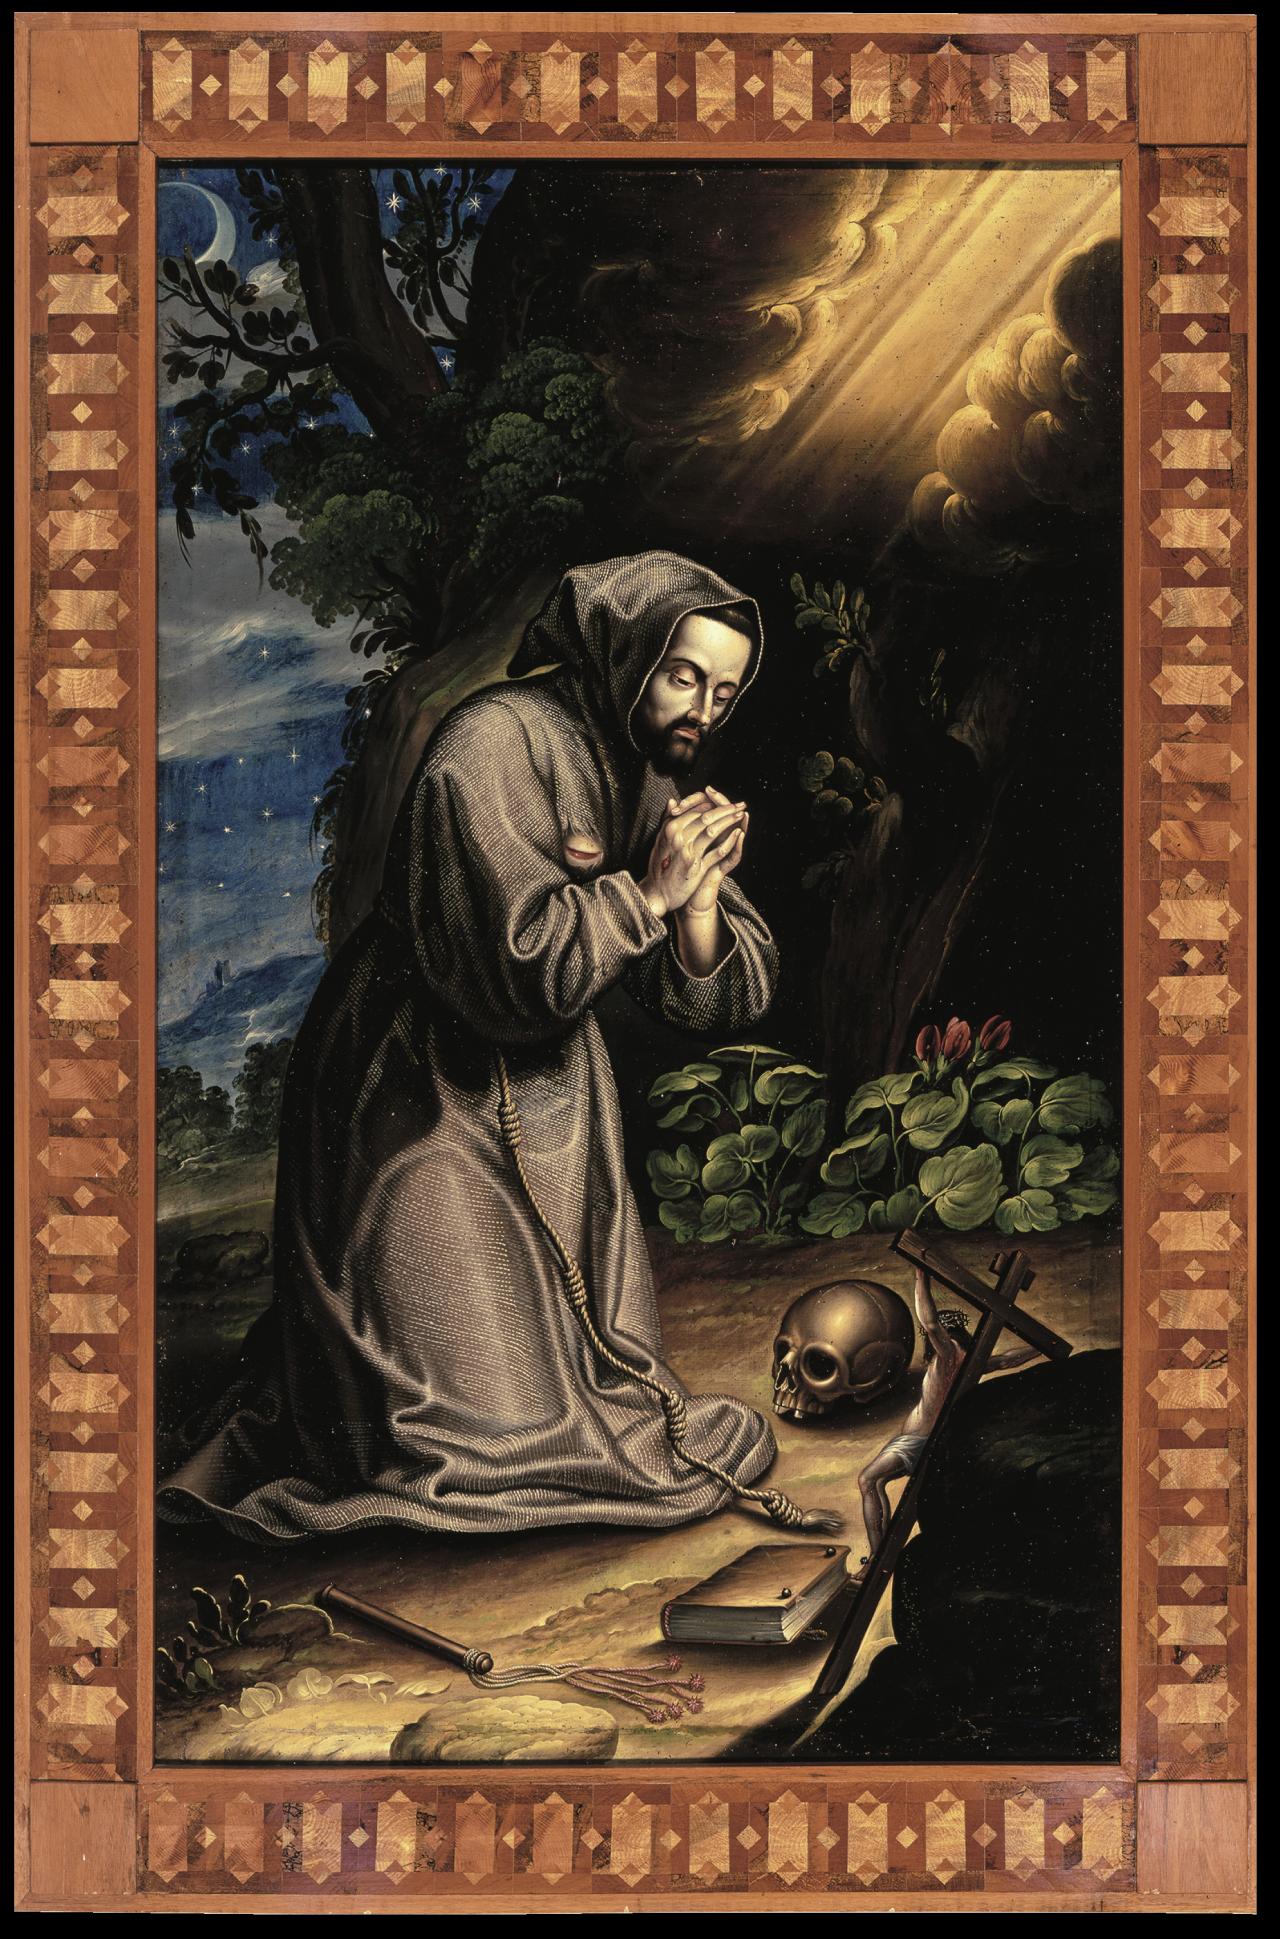 San Francisco meditando | Creación y restauración: lo singular y complejo del arte | Museo Amparo, Puebla